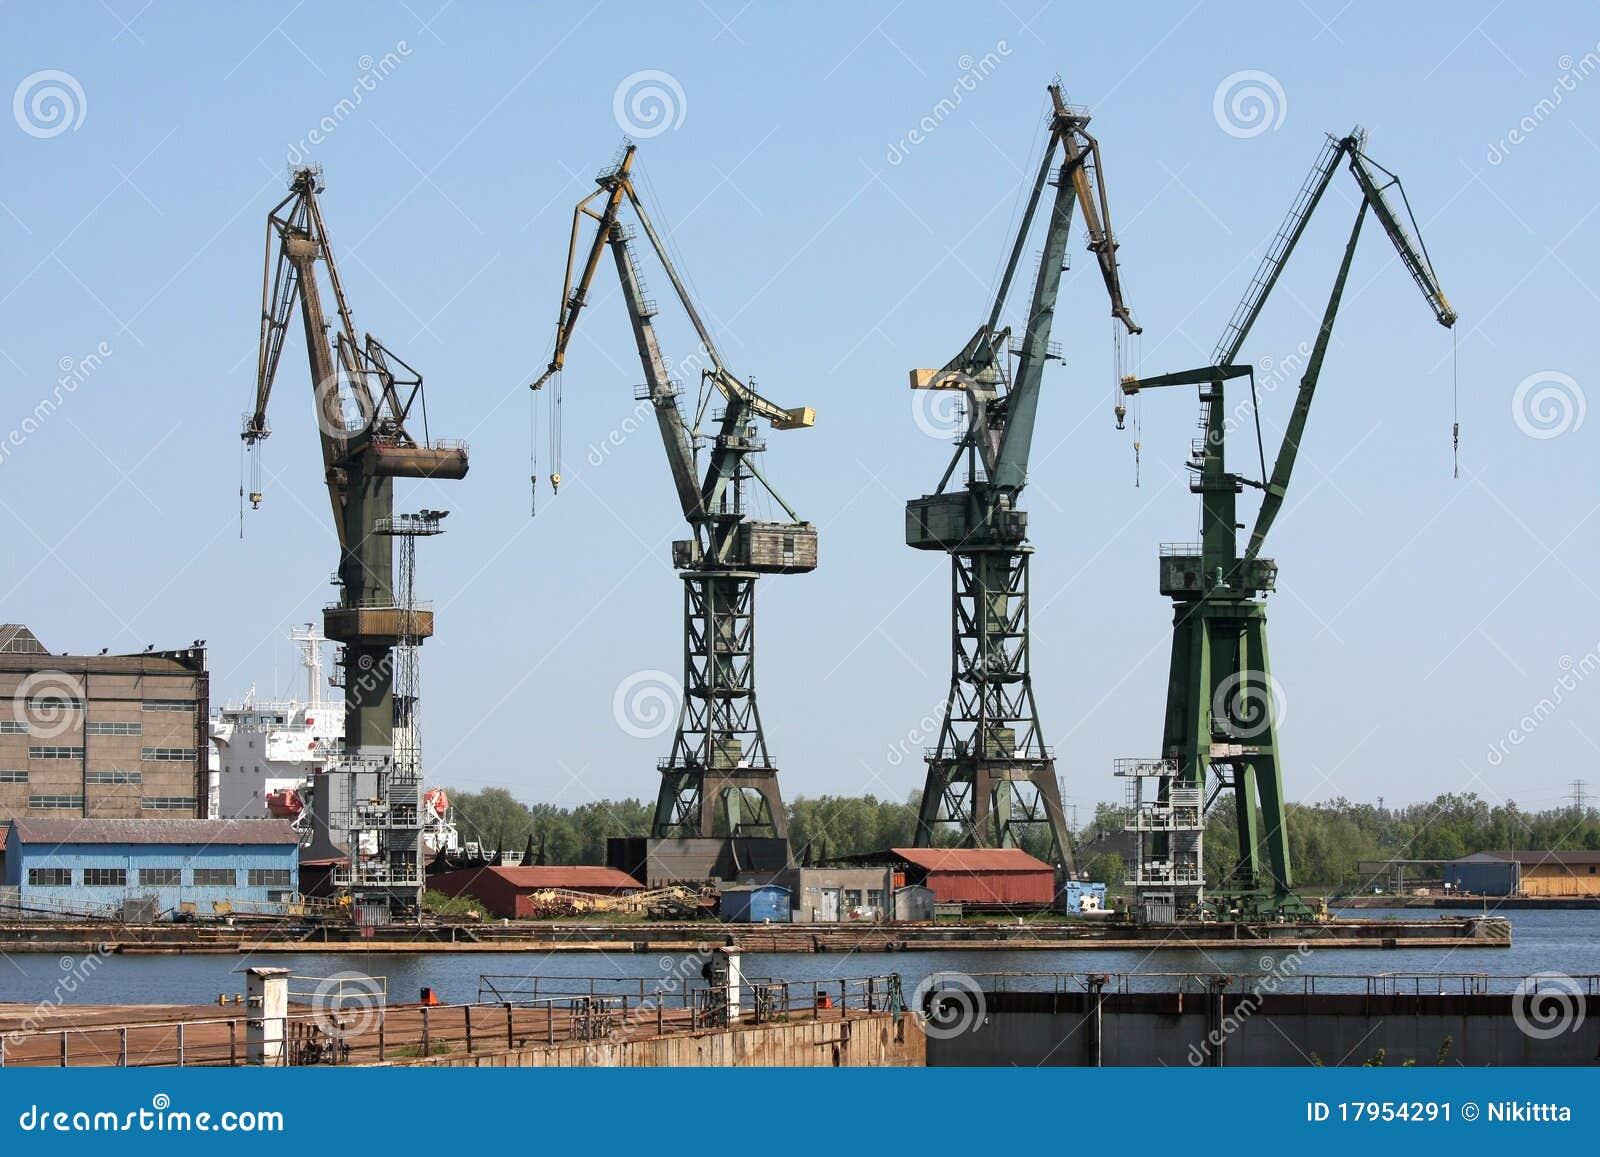 chantier de construction dans le chantier naval de danzig image stock image 17954291